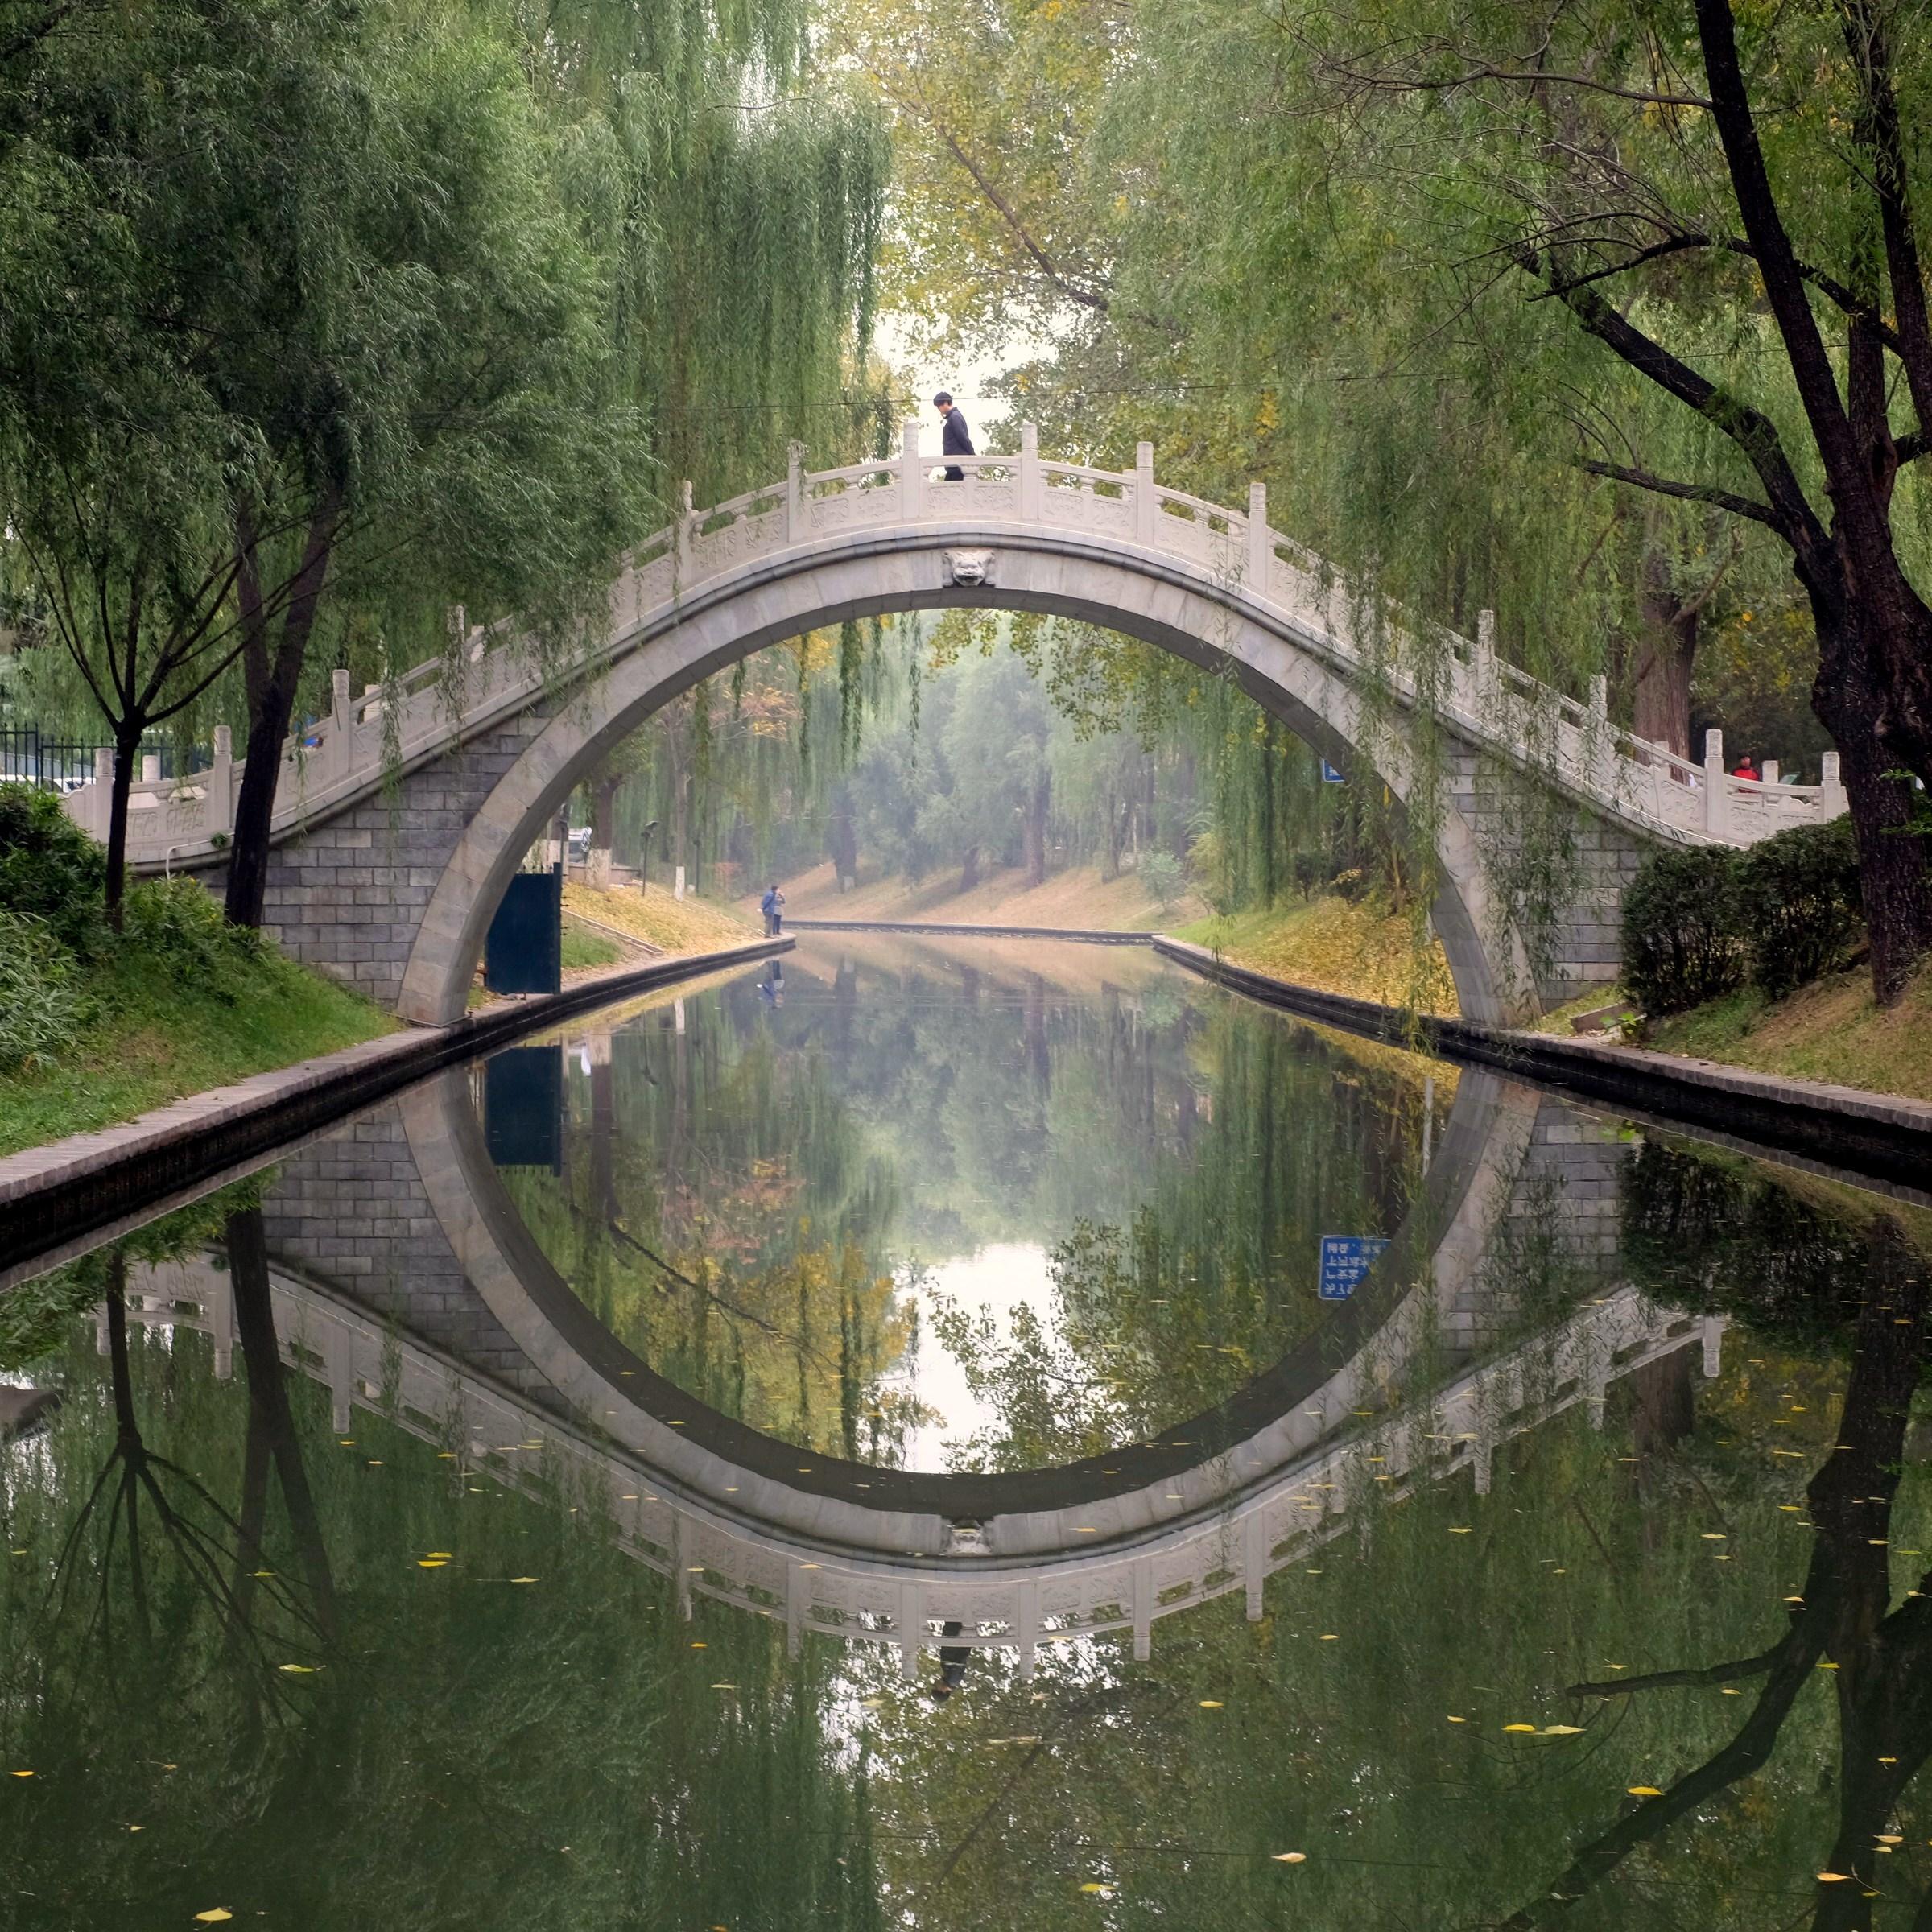 FG ZiZhuZuan + WanShouSi